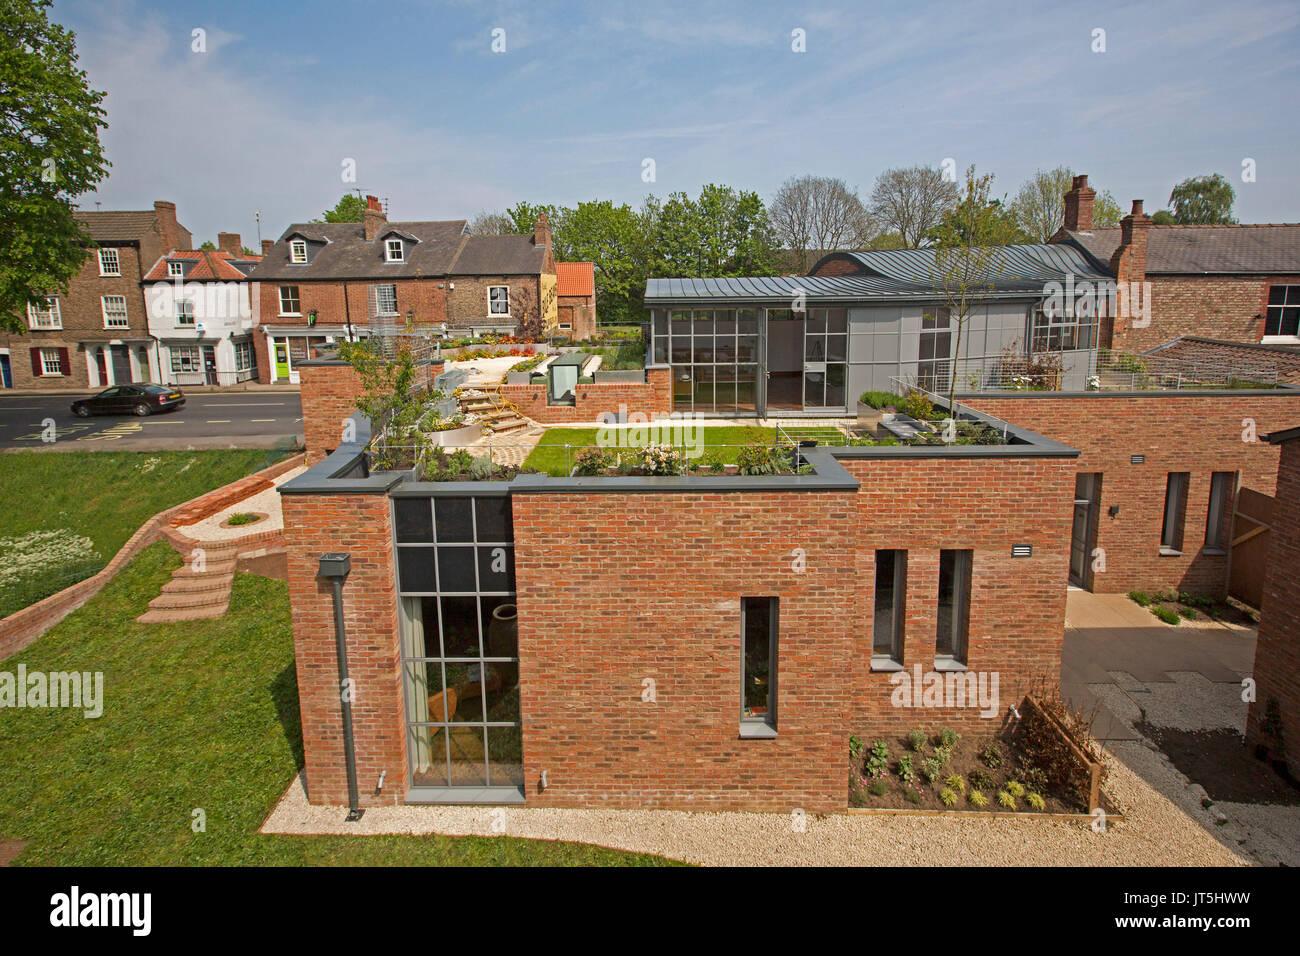 Aus Rotem Backstein Haus Mit Dachterrasse In York England Stockfoto